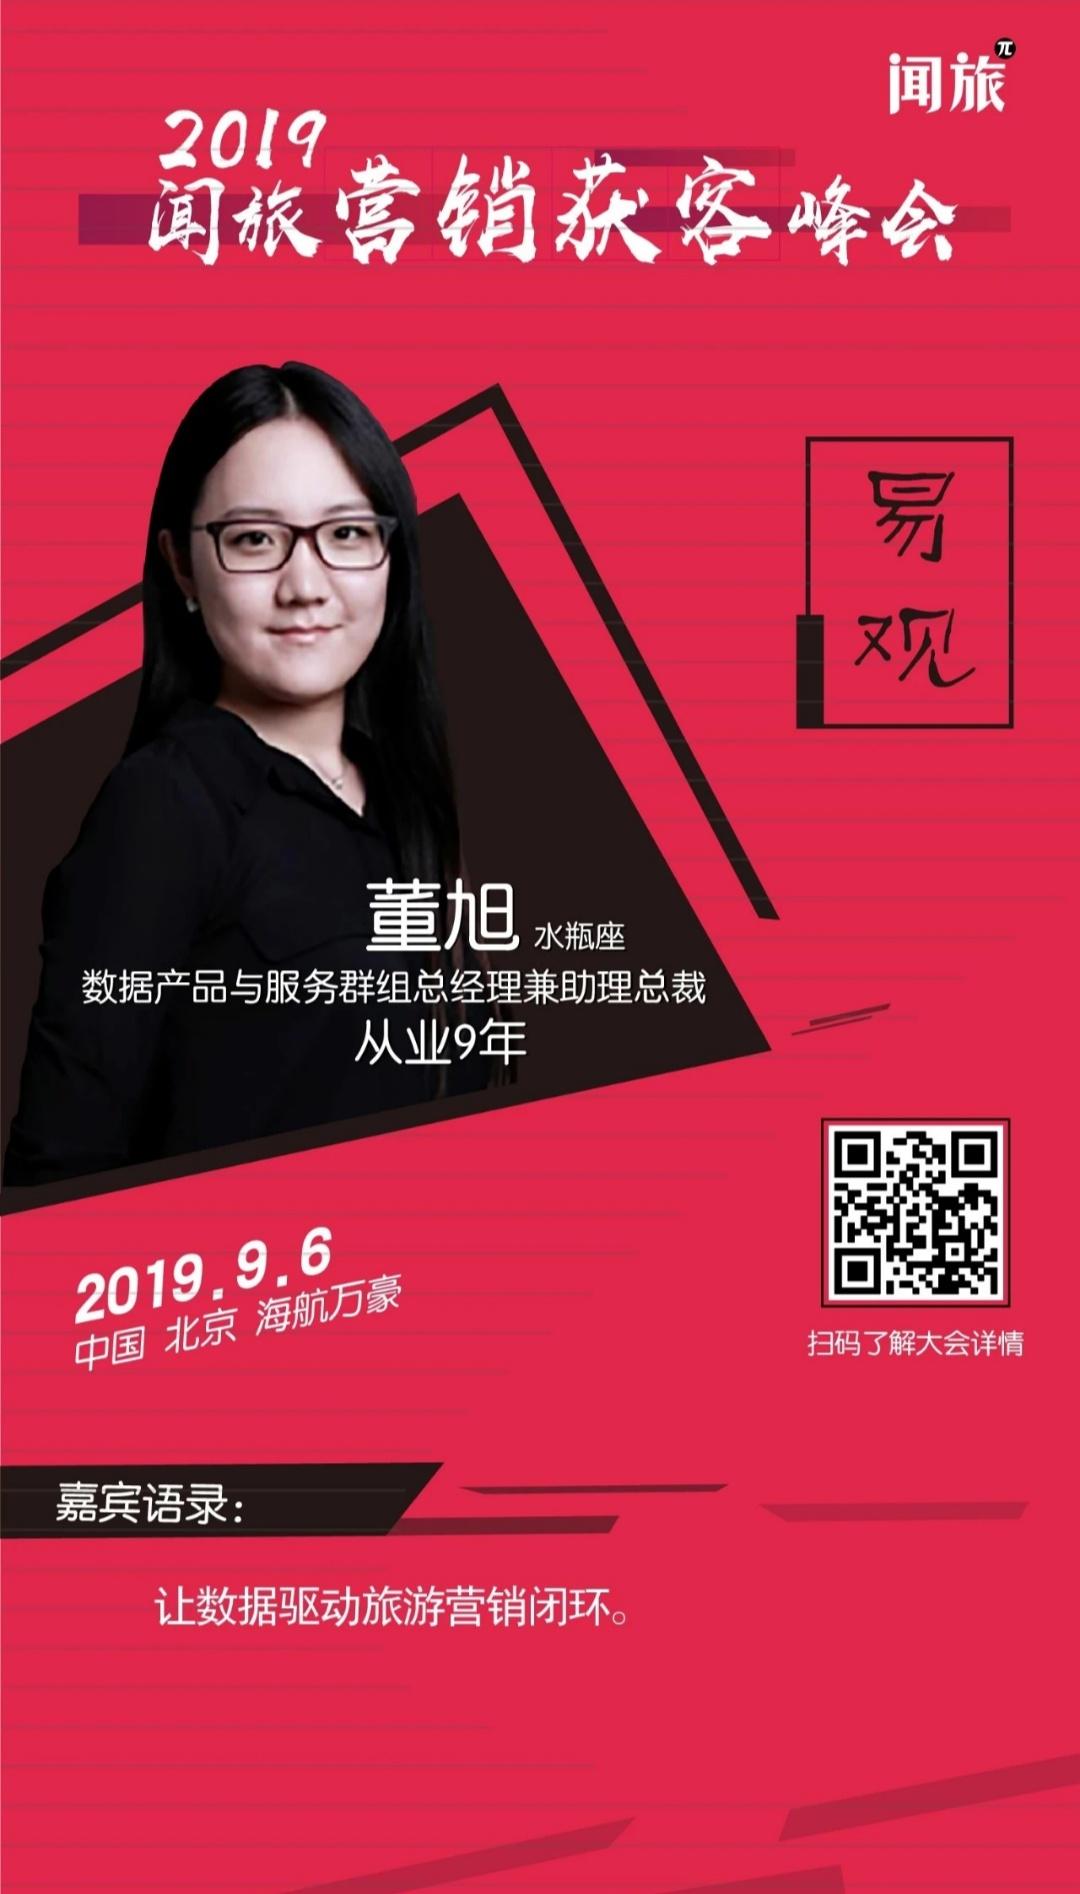 Screenshot_2019-08-09-21-06-21-119_com.tencent.mm.png